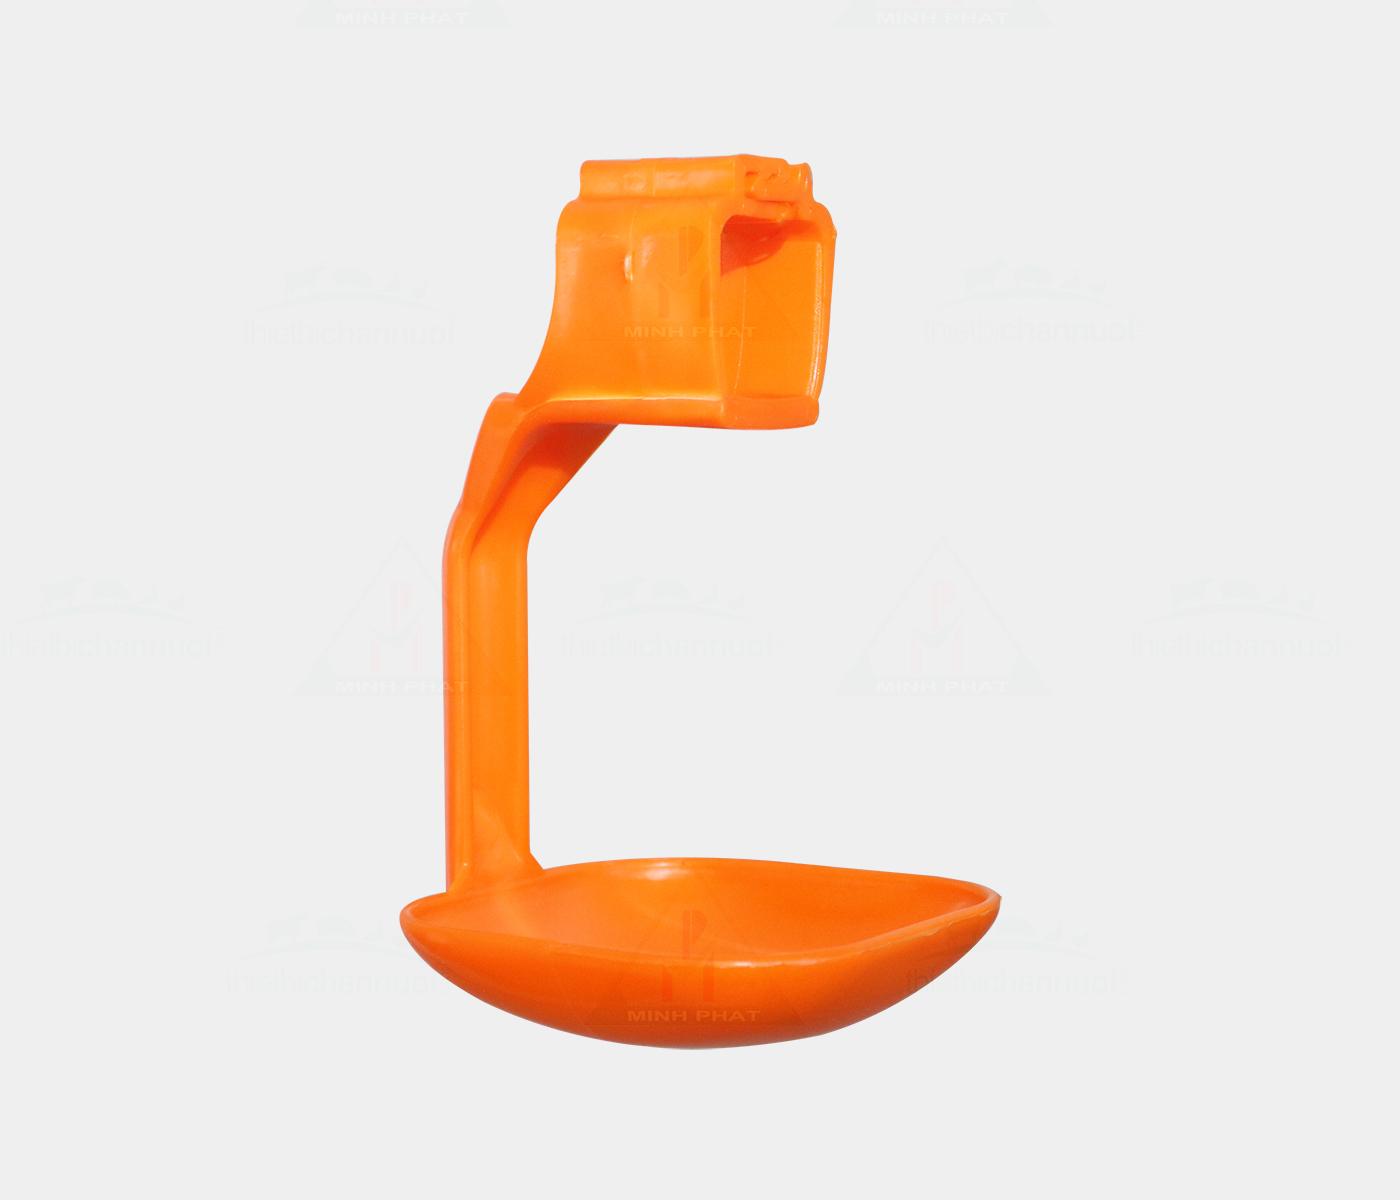 Tách uống gia cầm 22x22mm màu cam - GU04